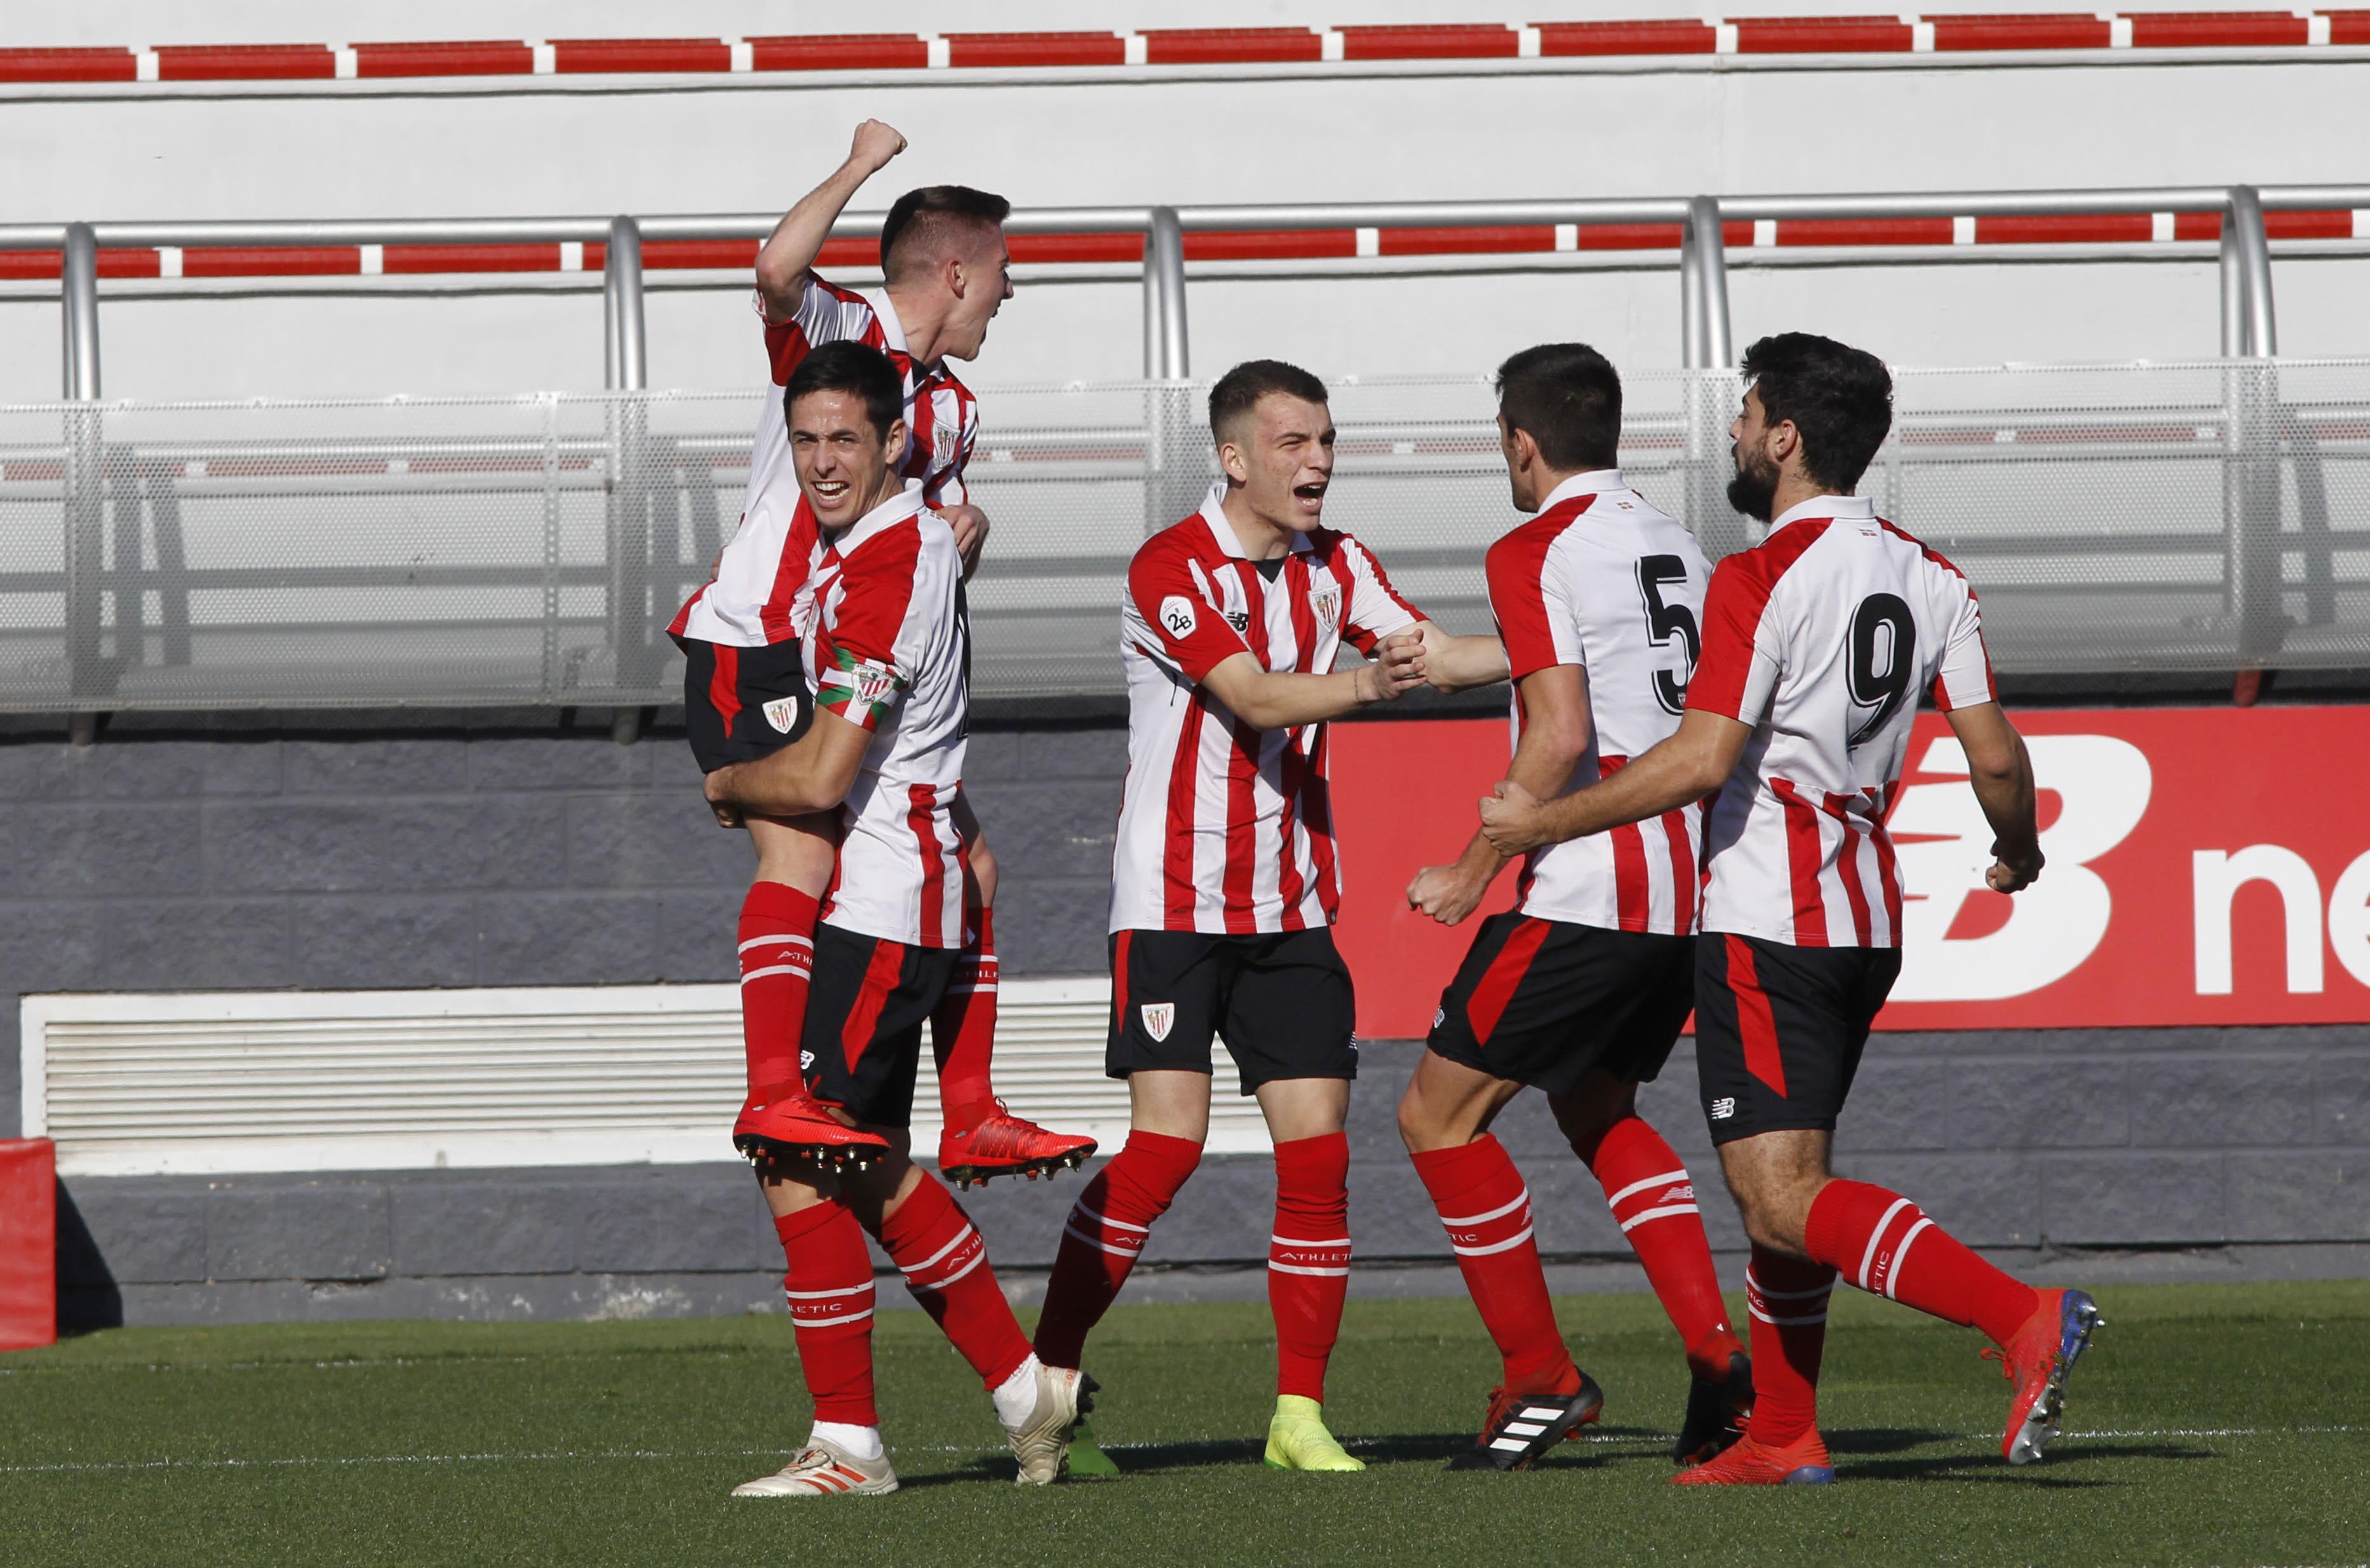 Athletic Bilbao Calendario.Calendario Del Bilbao Athletic 2019 2020 Proximos